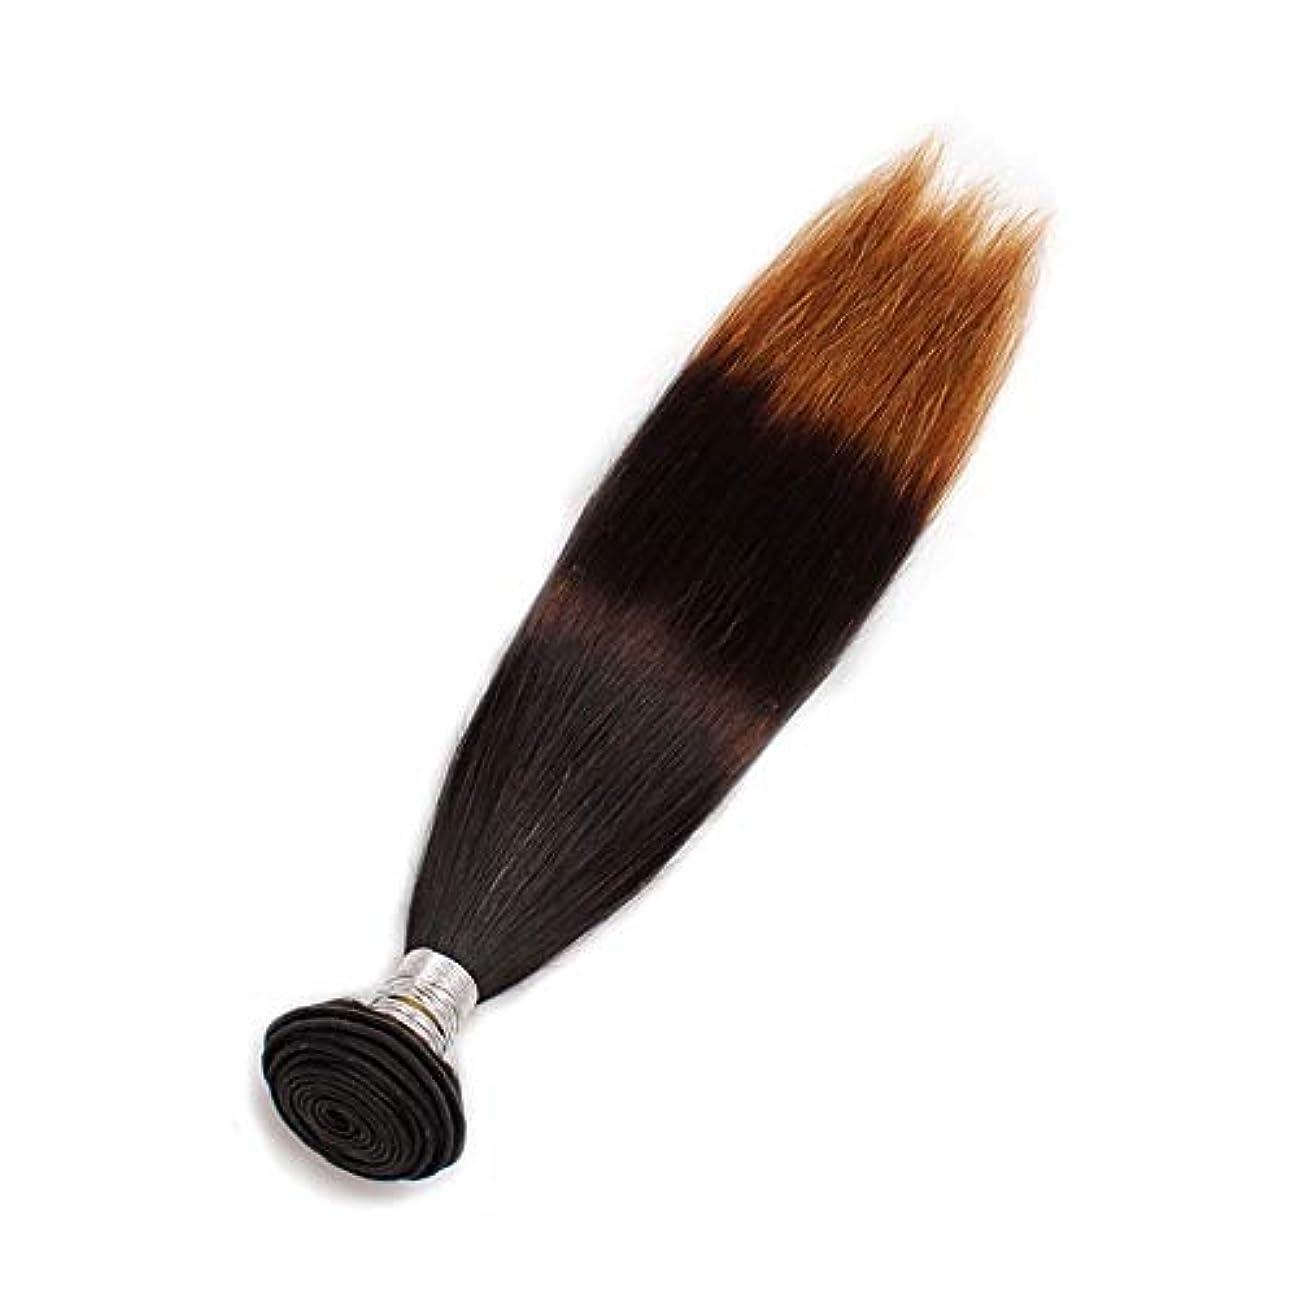 試用脚調停するWASAIO 100グラム)1束3トーンカラー、ブラジル人毛曲がっていない織りオンブルヘアエクステンション(10「-24」 (色 : ブラウン, サイズ : 16 inch)